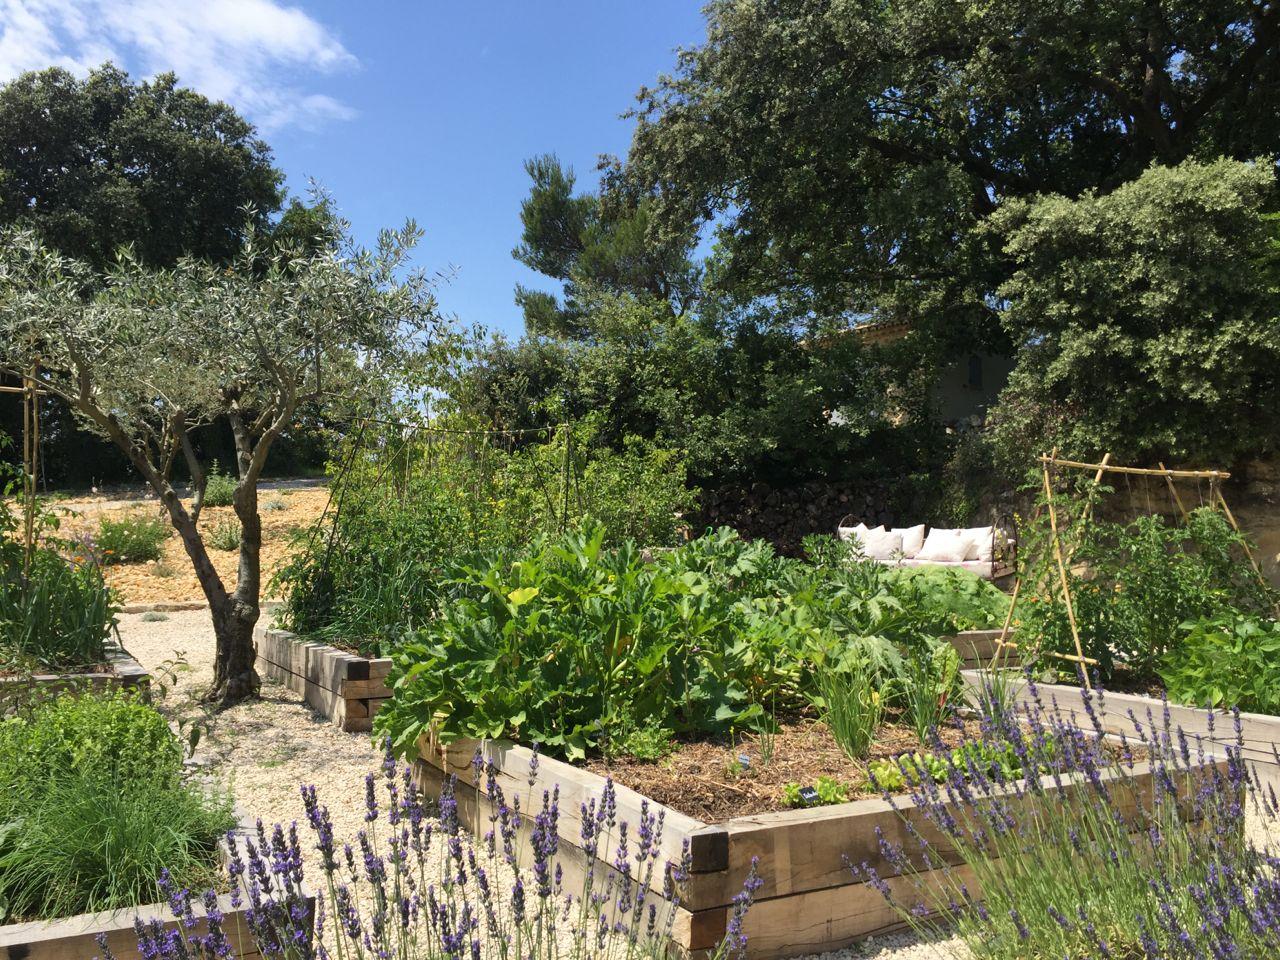 June in the kitchen garden